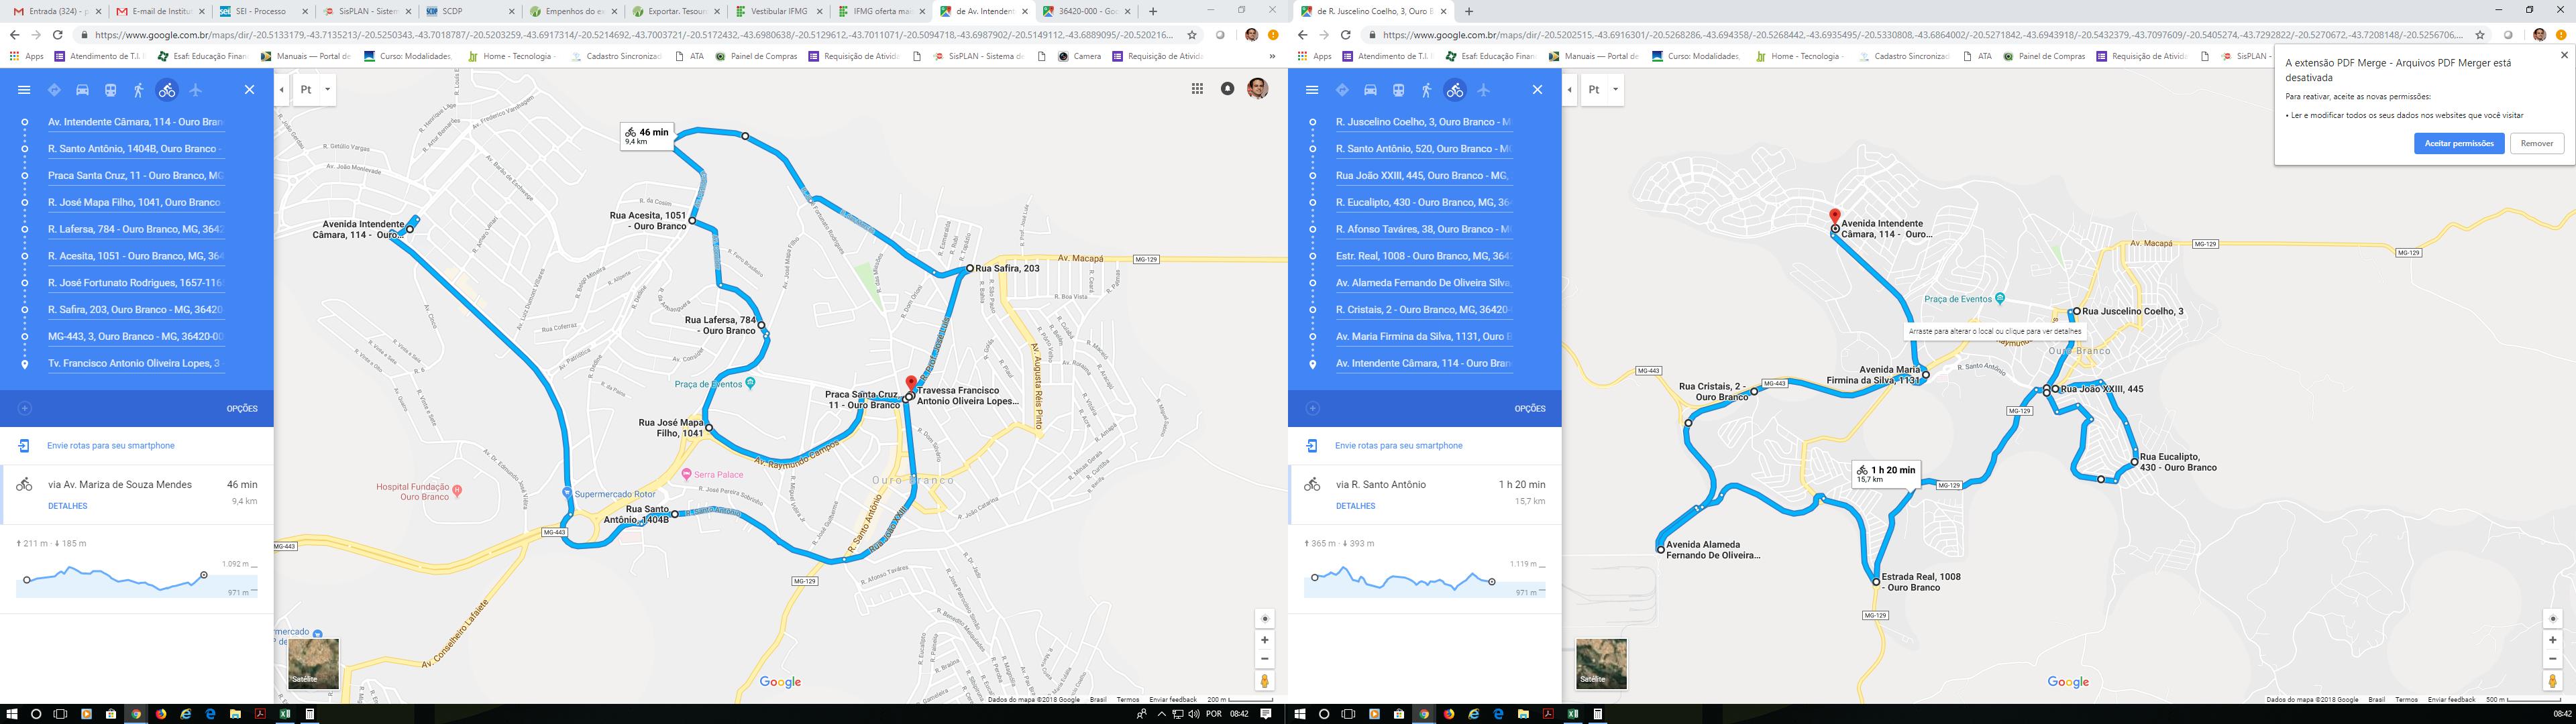 Percurso completo (30km)